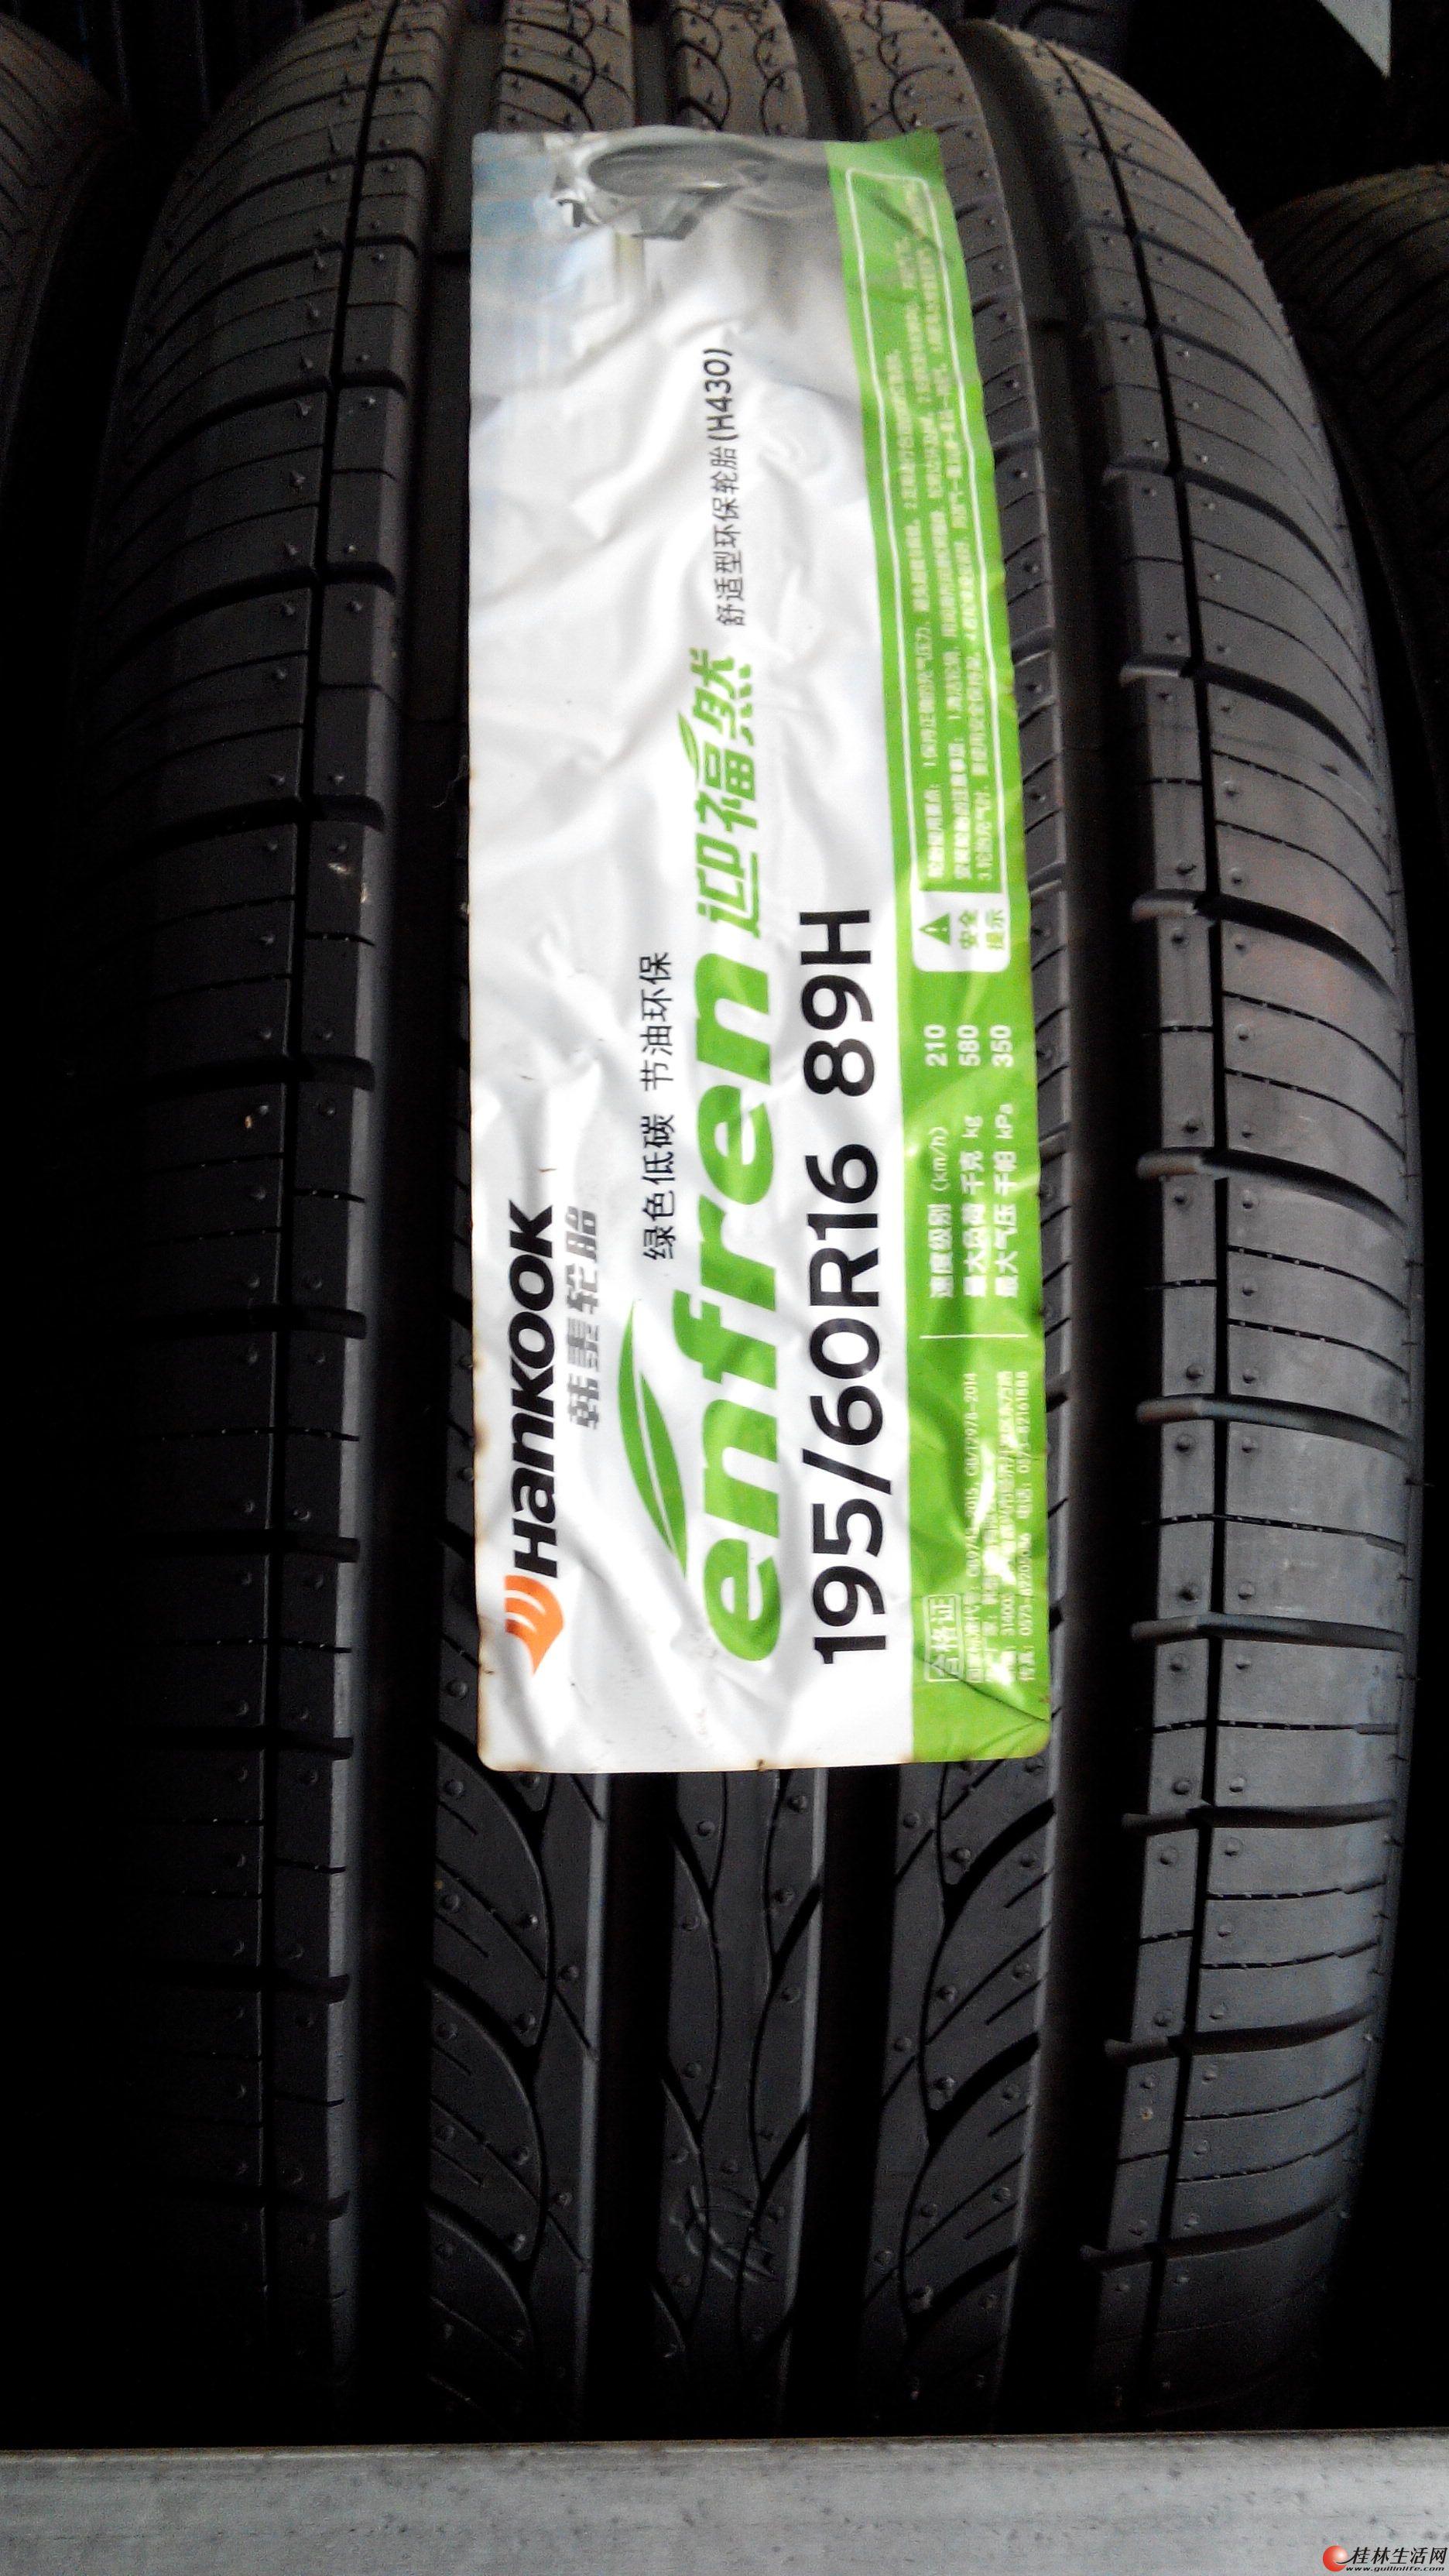 全新行货韩泰轮胎195/60r16(h430花纹)舒适节油型---包安装